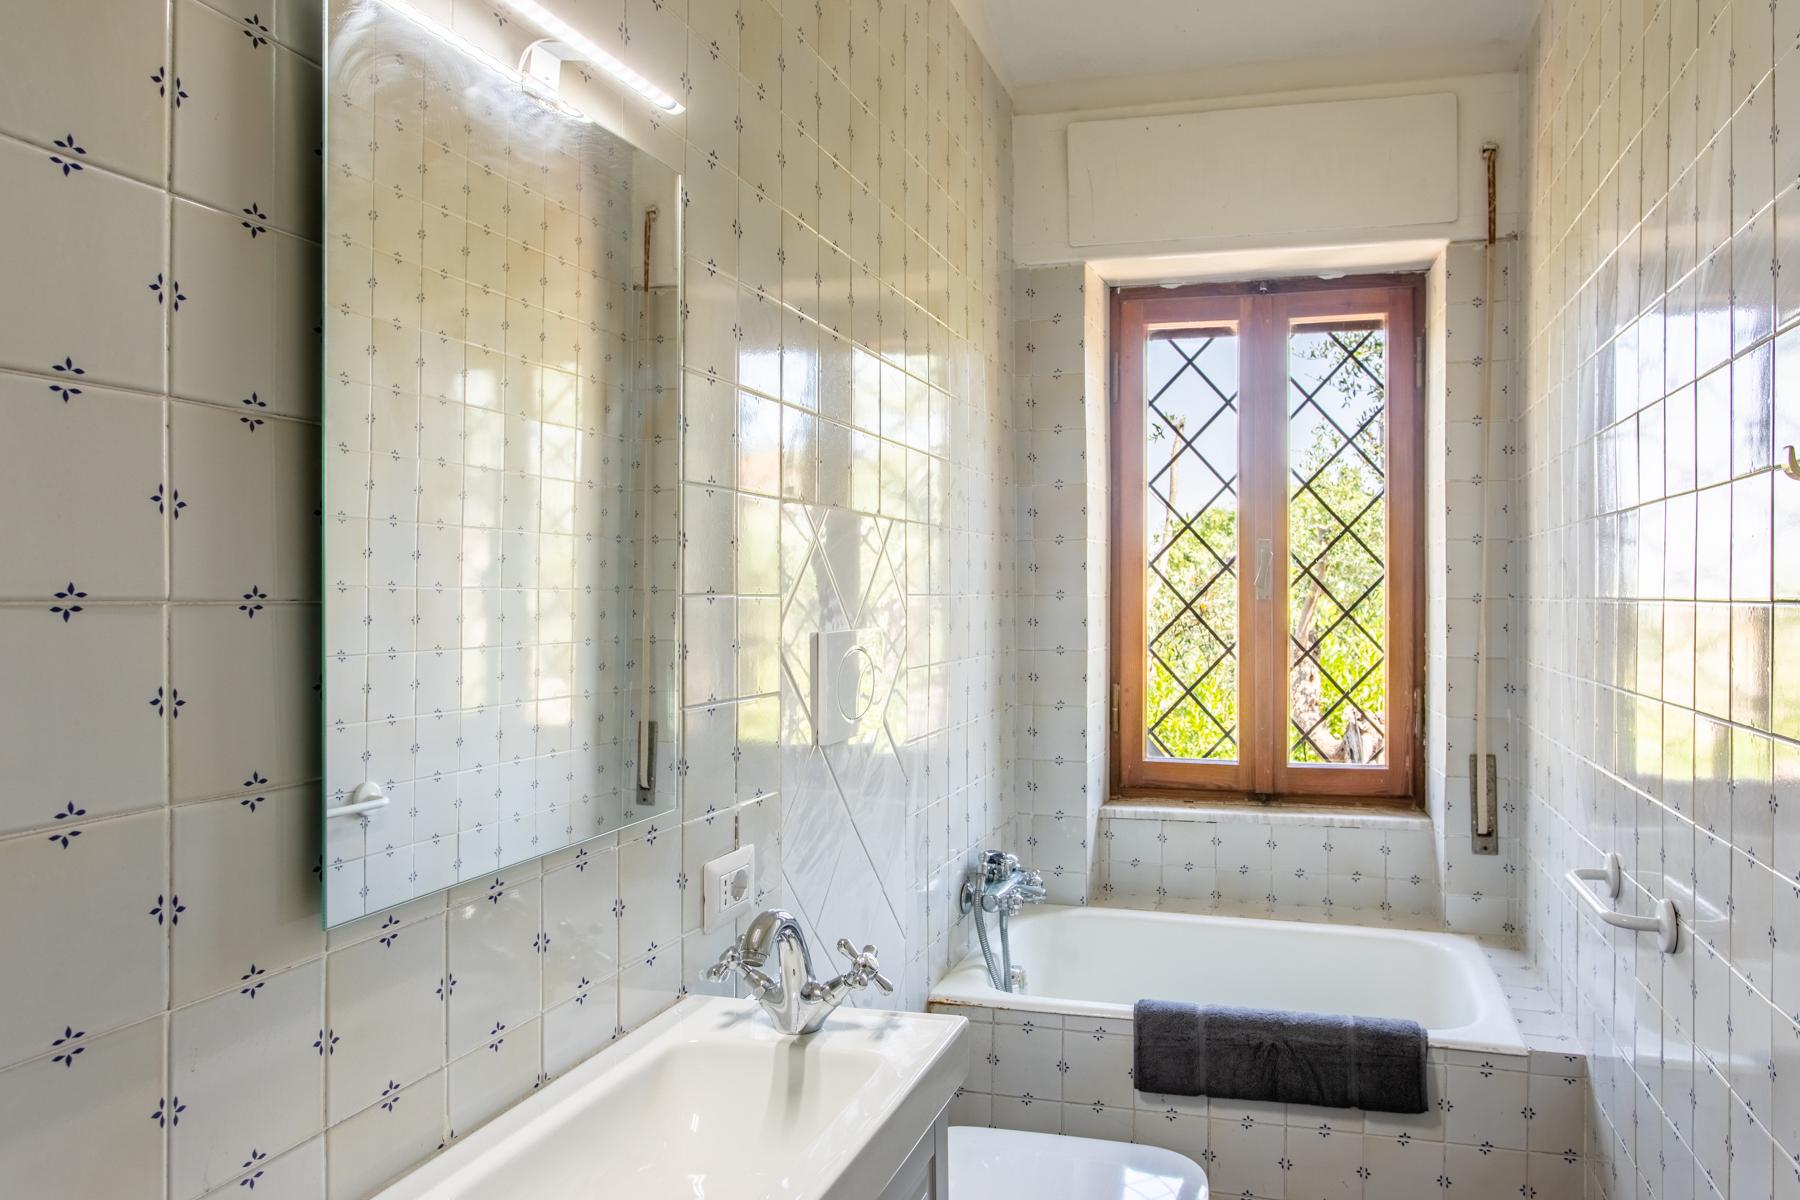 Villa in Vendita a Orbetello: 5 locali, 240 mq - Foto 25